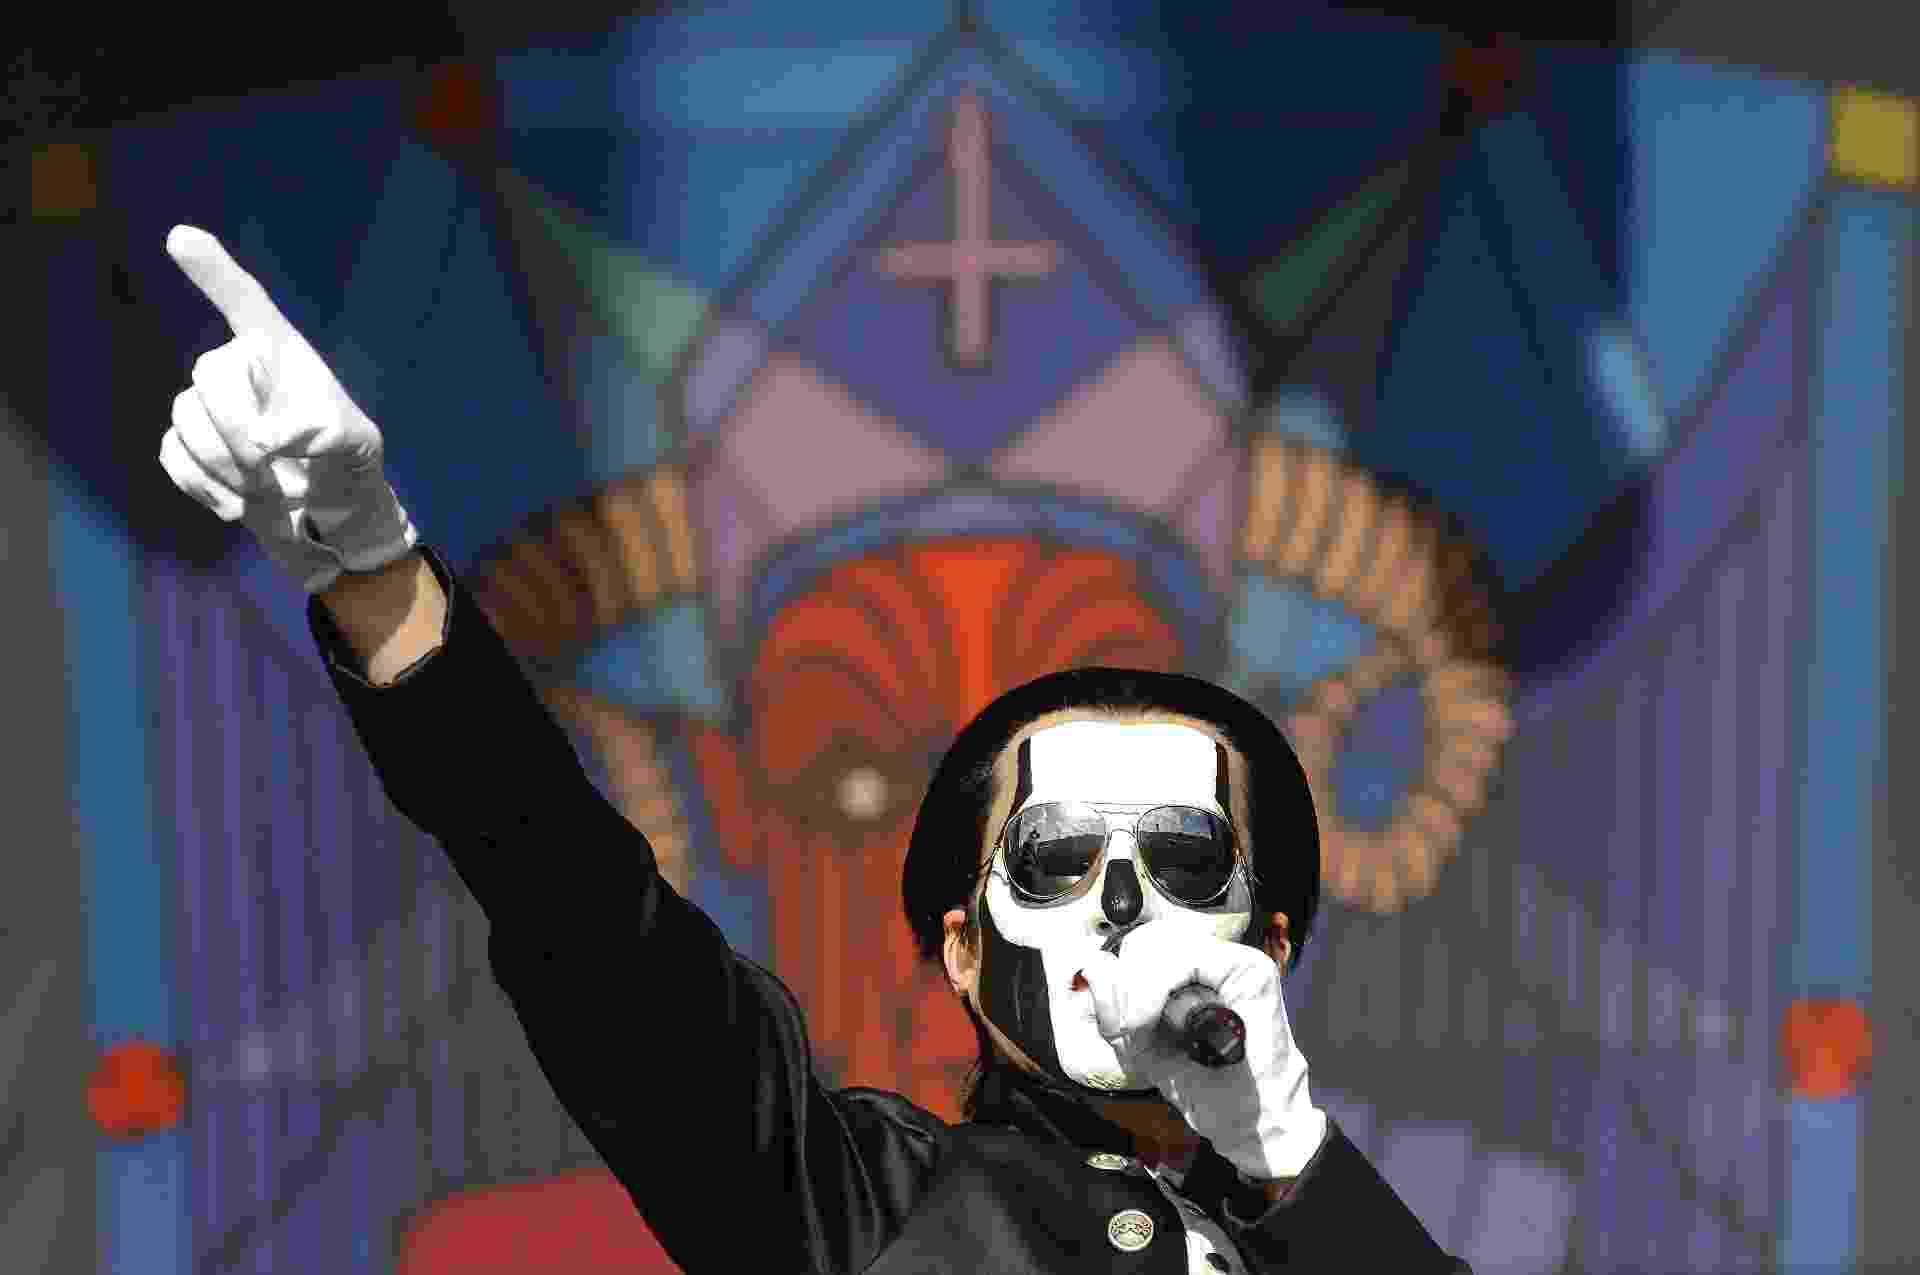 Banda Ghost se apresenta no Maximus Festival - Reinaldo Canato/UOL